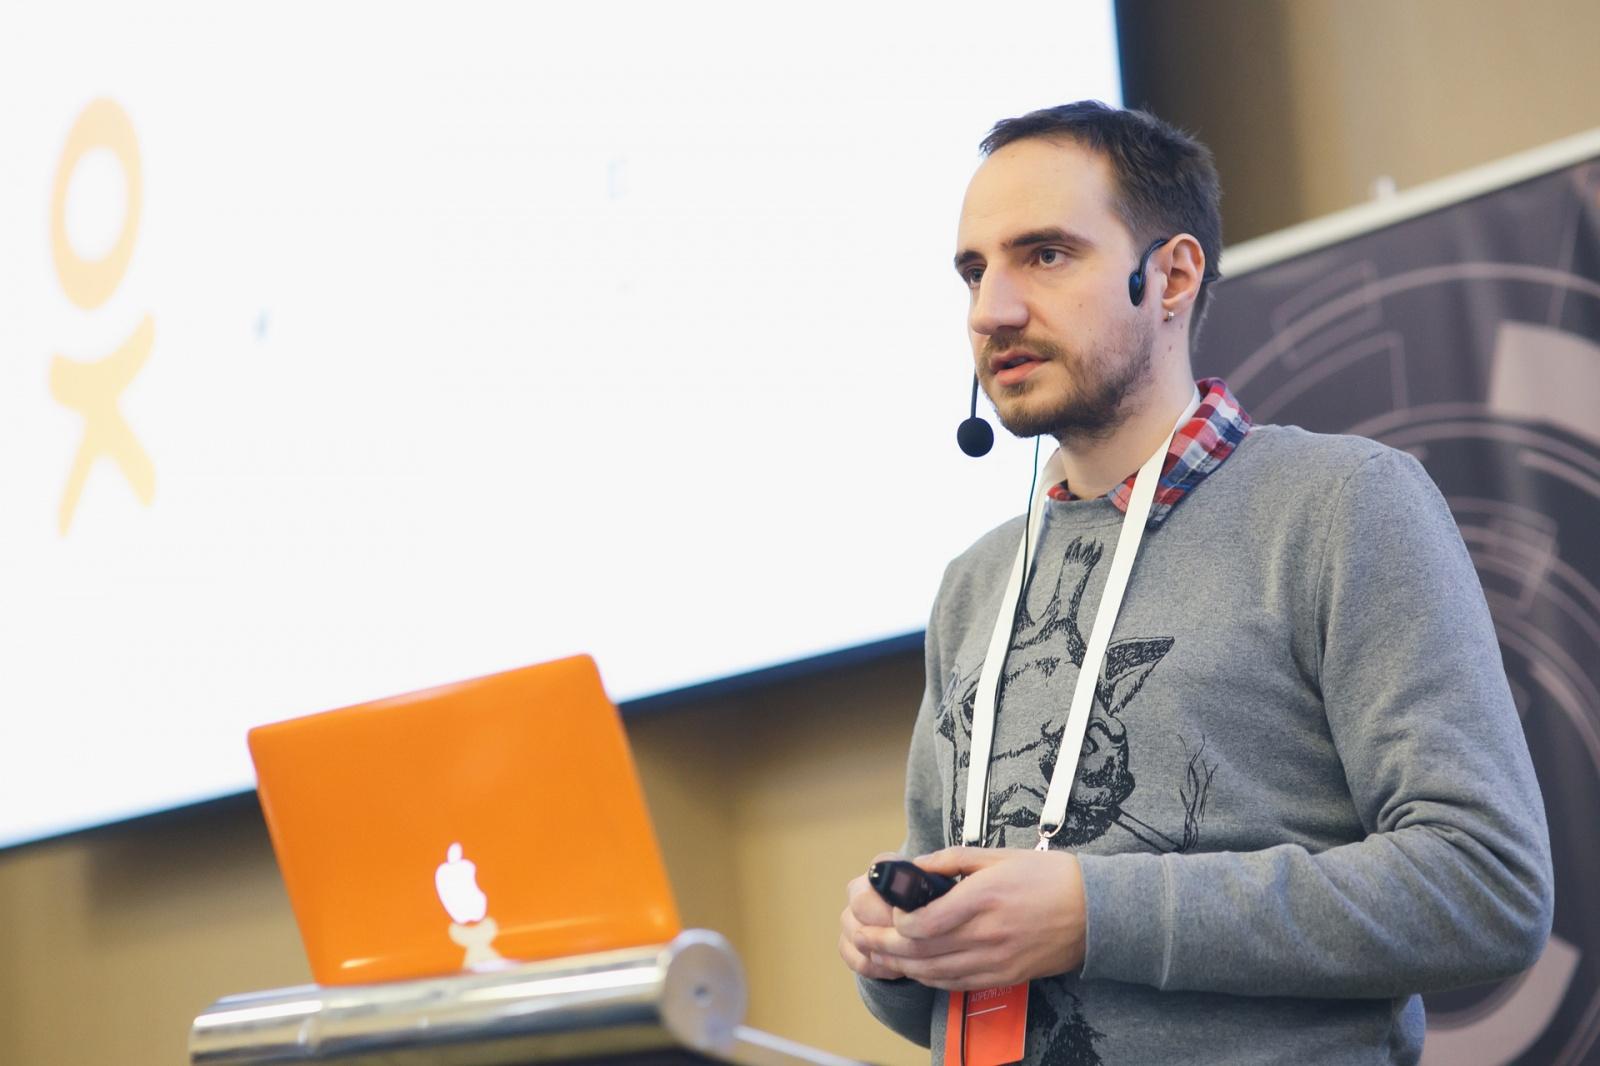 Конференция Mobius: как в мобильных устройствах открывали неочевидное - 7